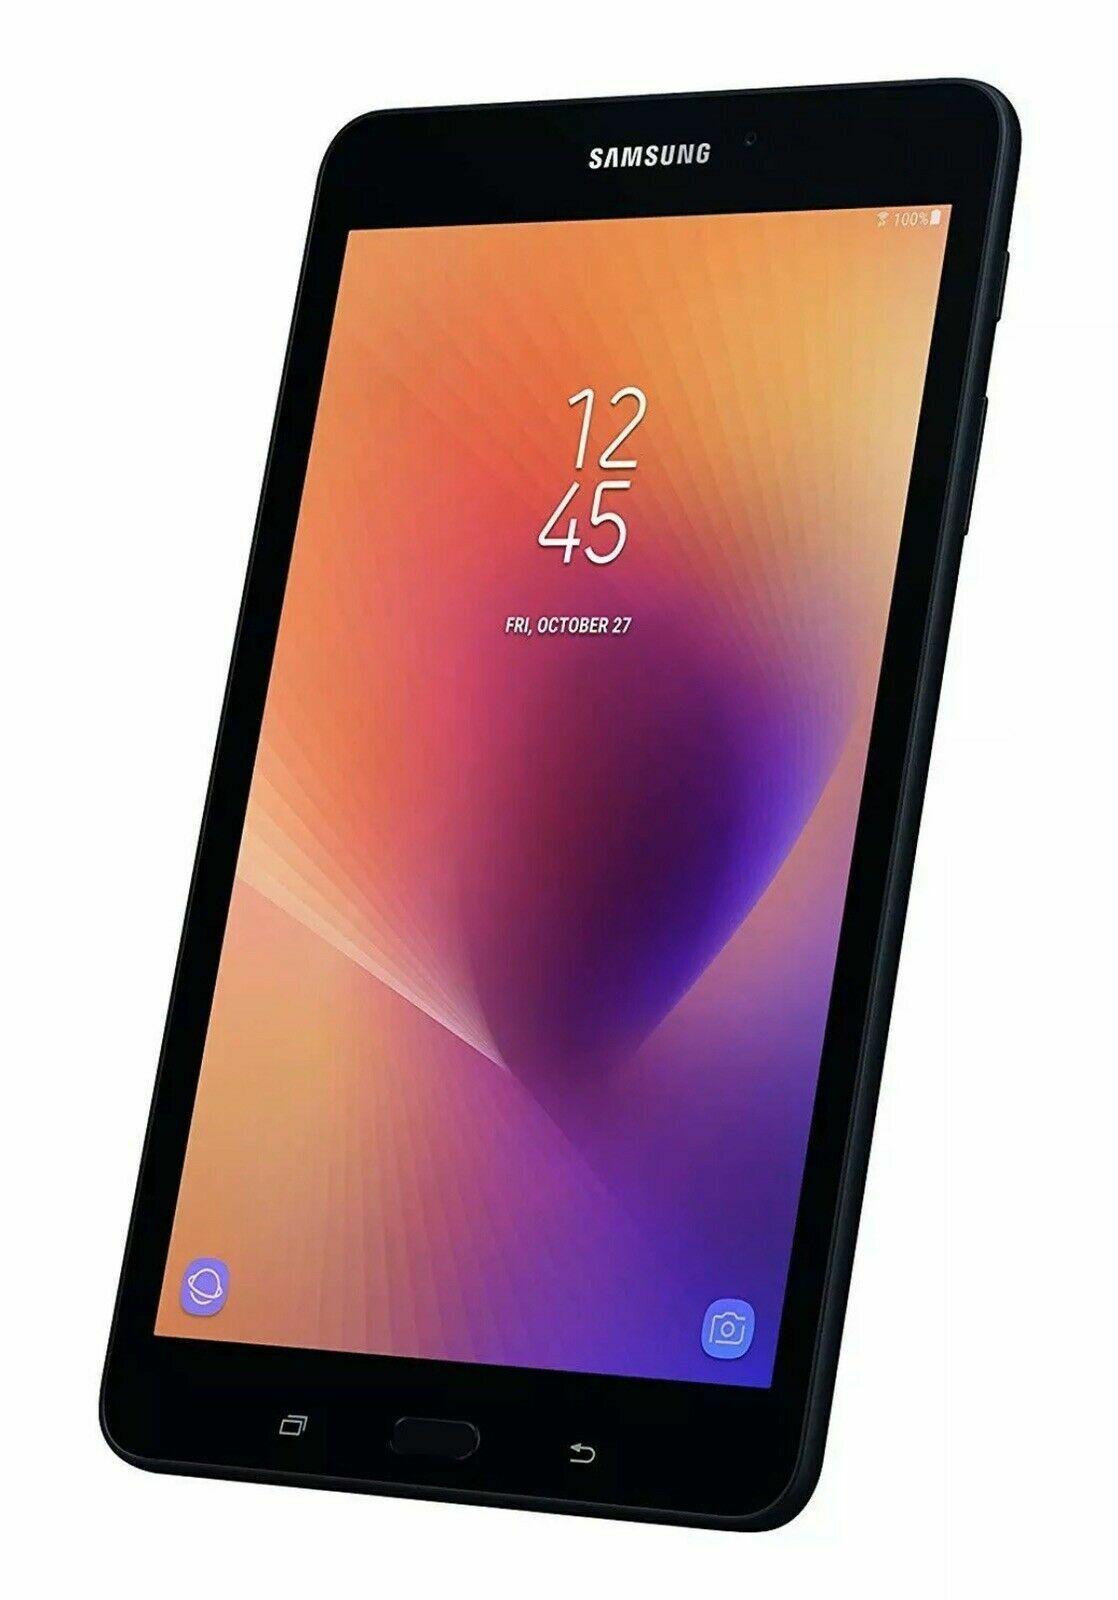 Samsung Galaxy Tab A 8 Inch 32 GB Wifi Tablet SM-T380NZKEXAR